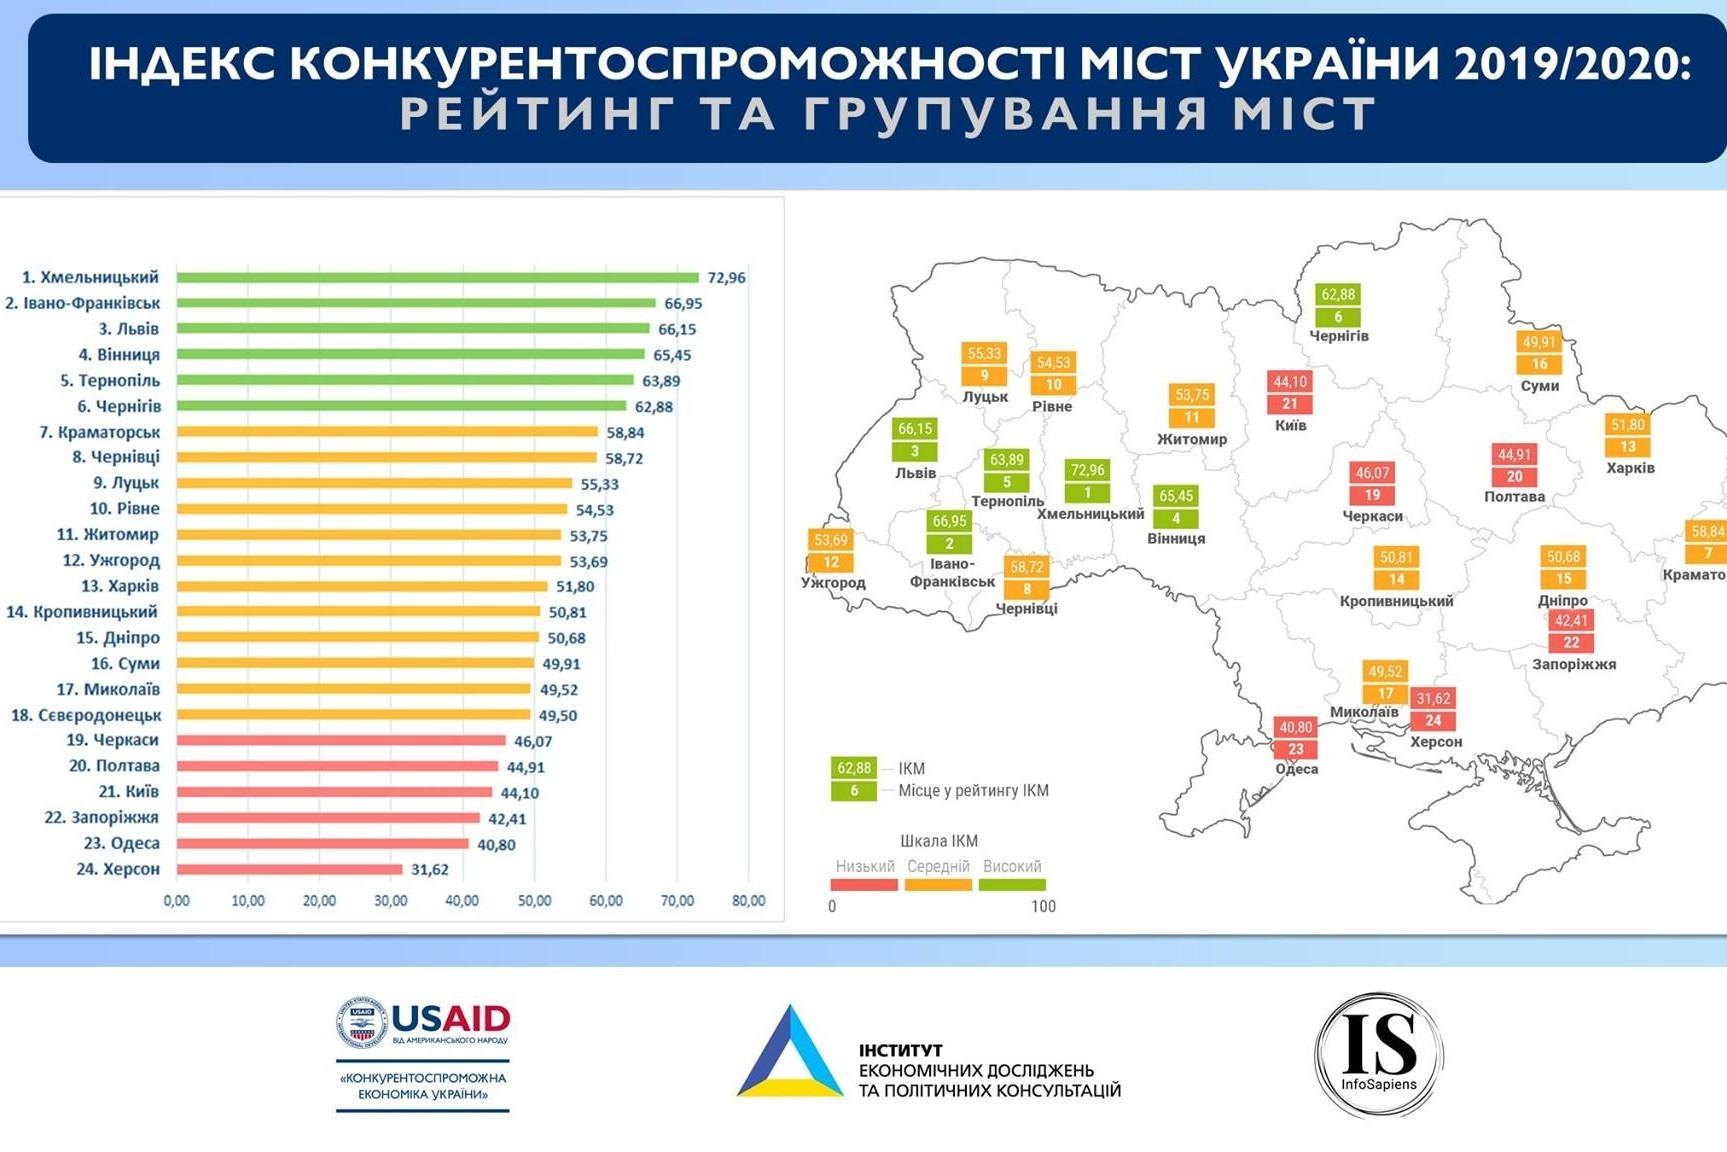 Вінниця визнана одним із кращих міст України із найбільш сприятливим бізнес-кліматом та ефективним економічним врядуванням